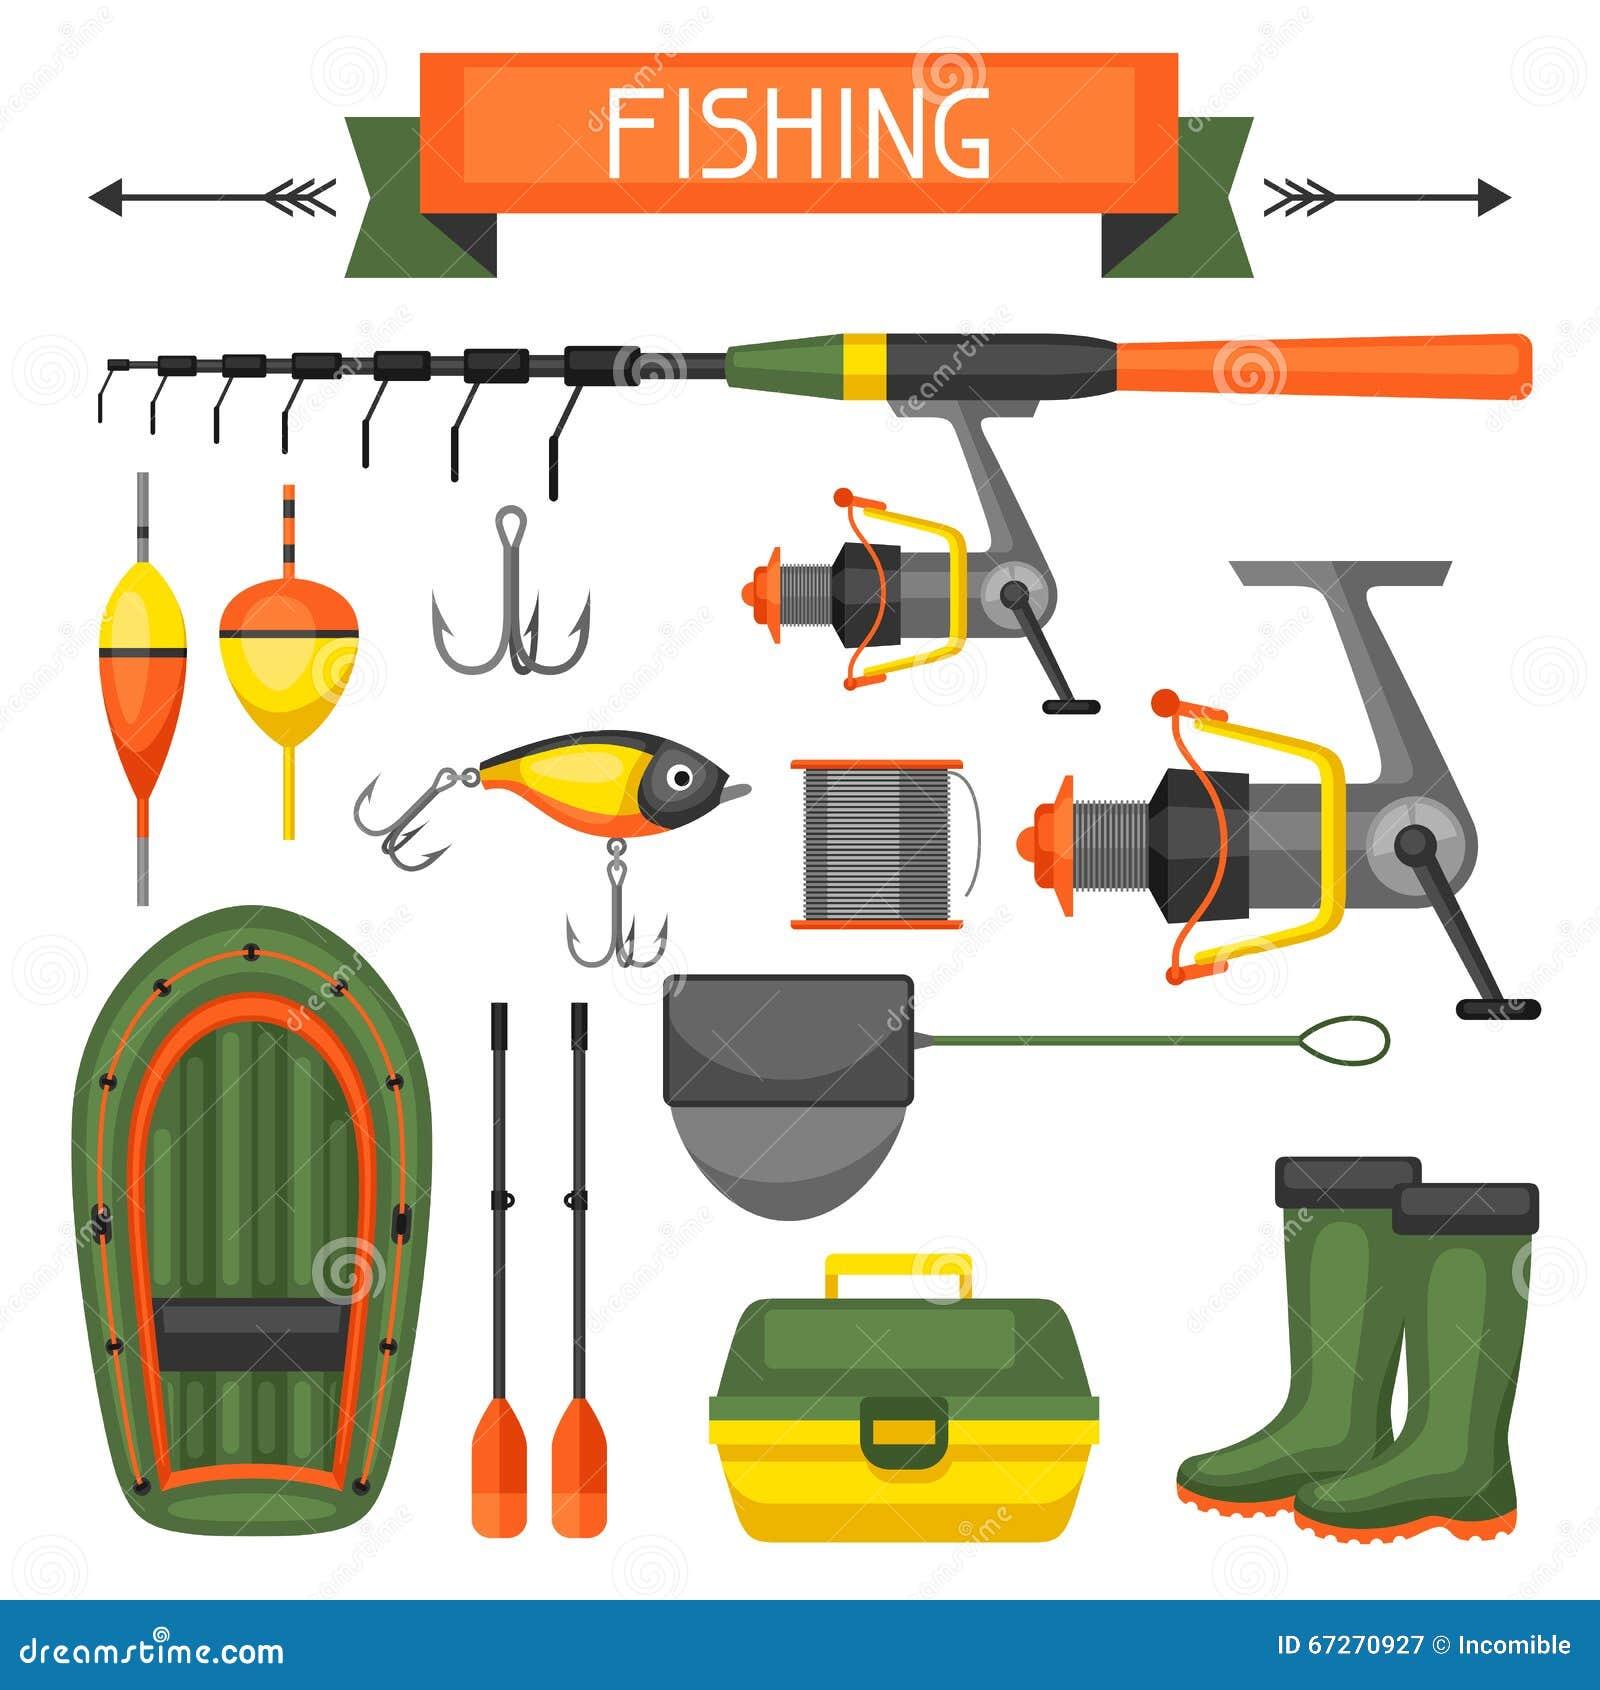 Objetos De Decoracion De Dise?o ~ Sistema de fuentes de la pesca Objetos para la decoraci?n, dise?o en